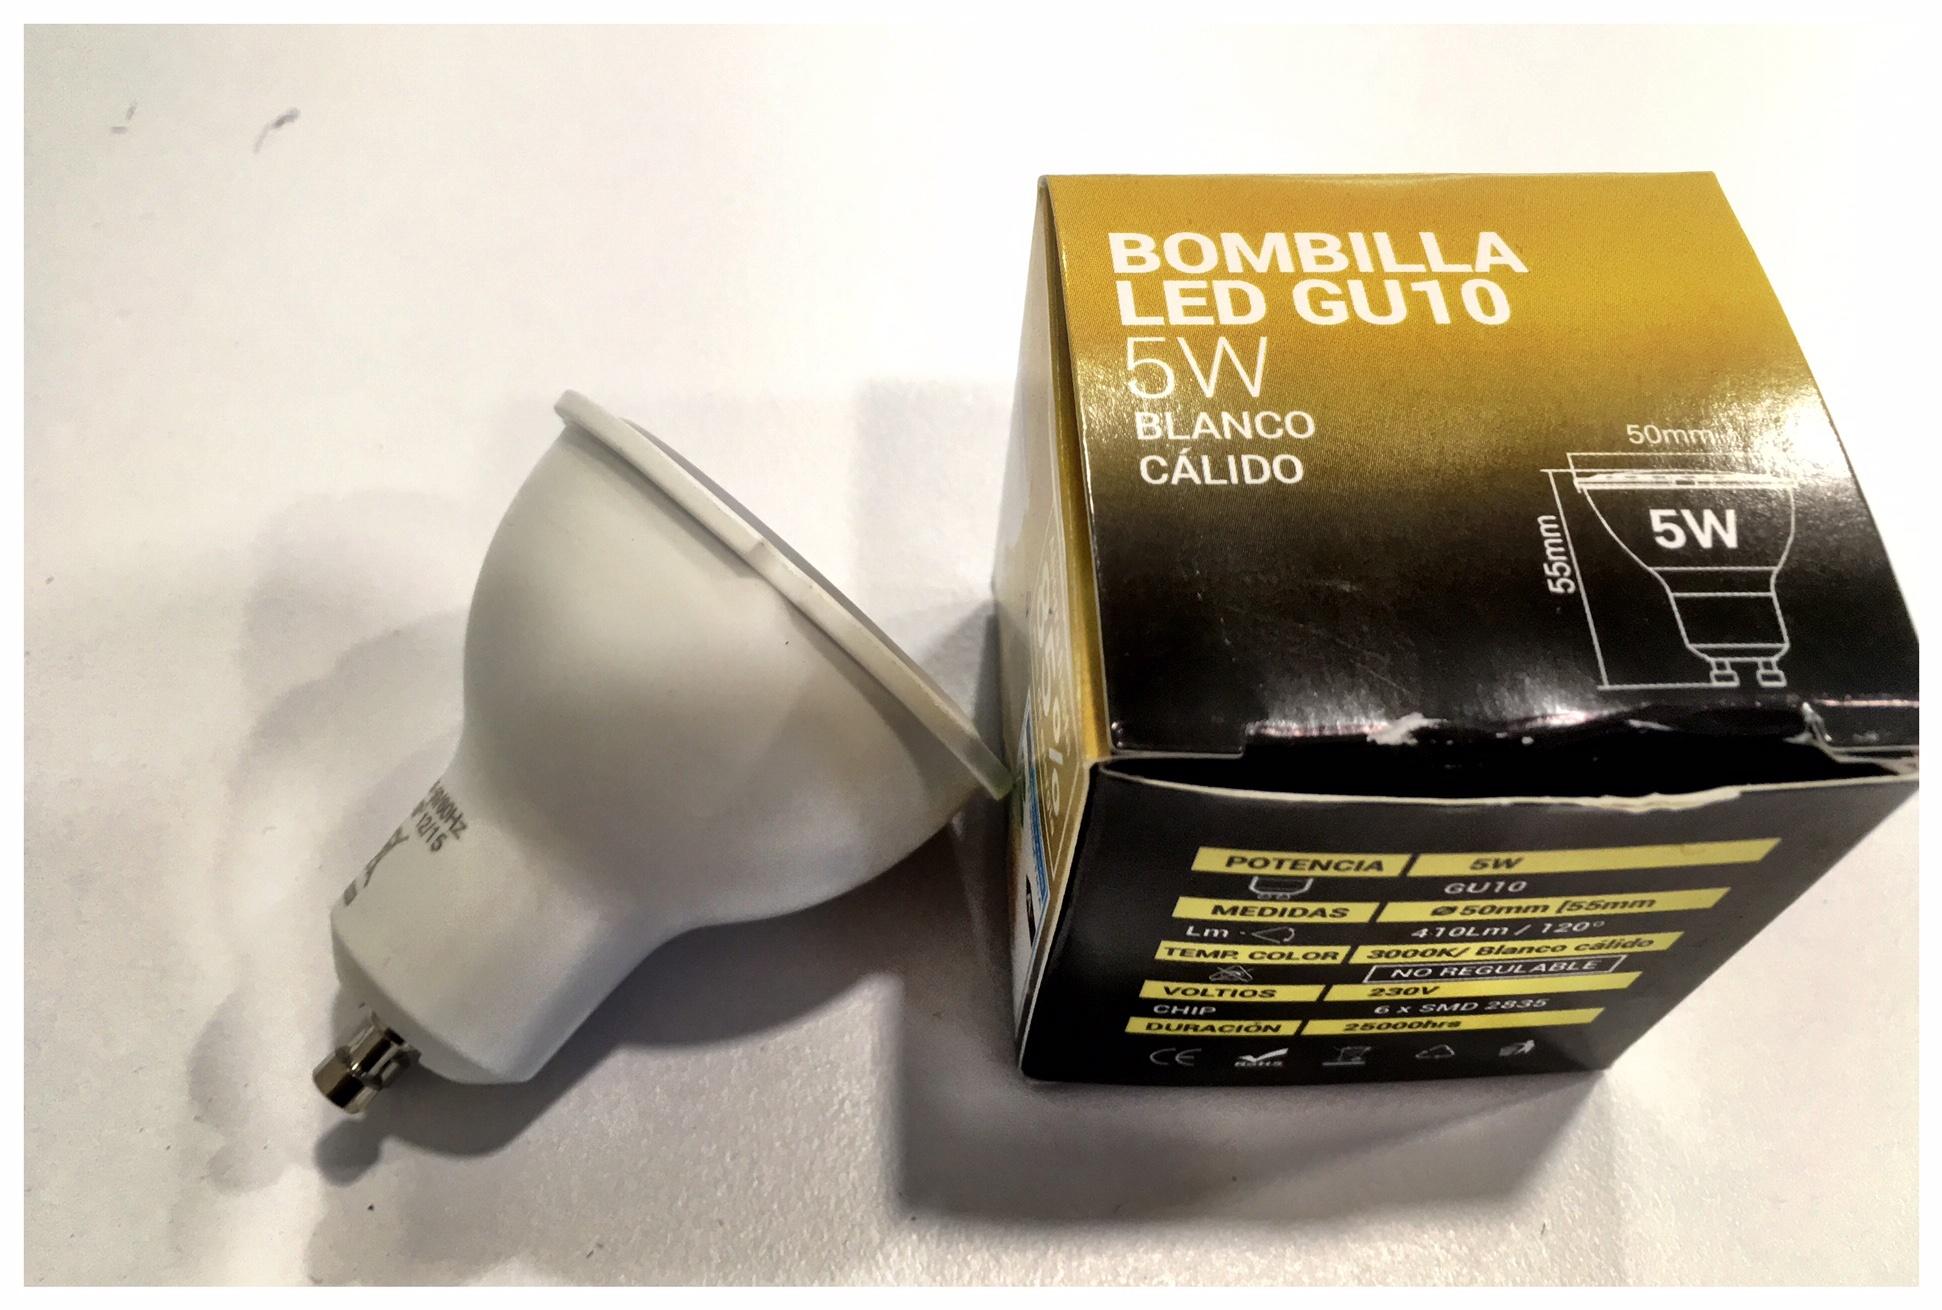 Bombillas LED GU10 Hay 26 productos. Precio en Agosto 2016 ... 2,61.€ Las bombillas LED GU10 son las sustitutas de las bombillas conocidas comúnmente como halógenas u ojo de buey. Los usos de este tipo de bombillas son muy amplios, y se adecuan perfectamente tanto